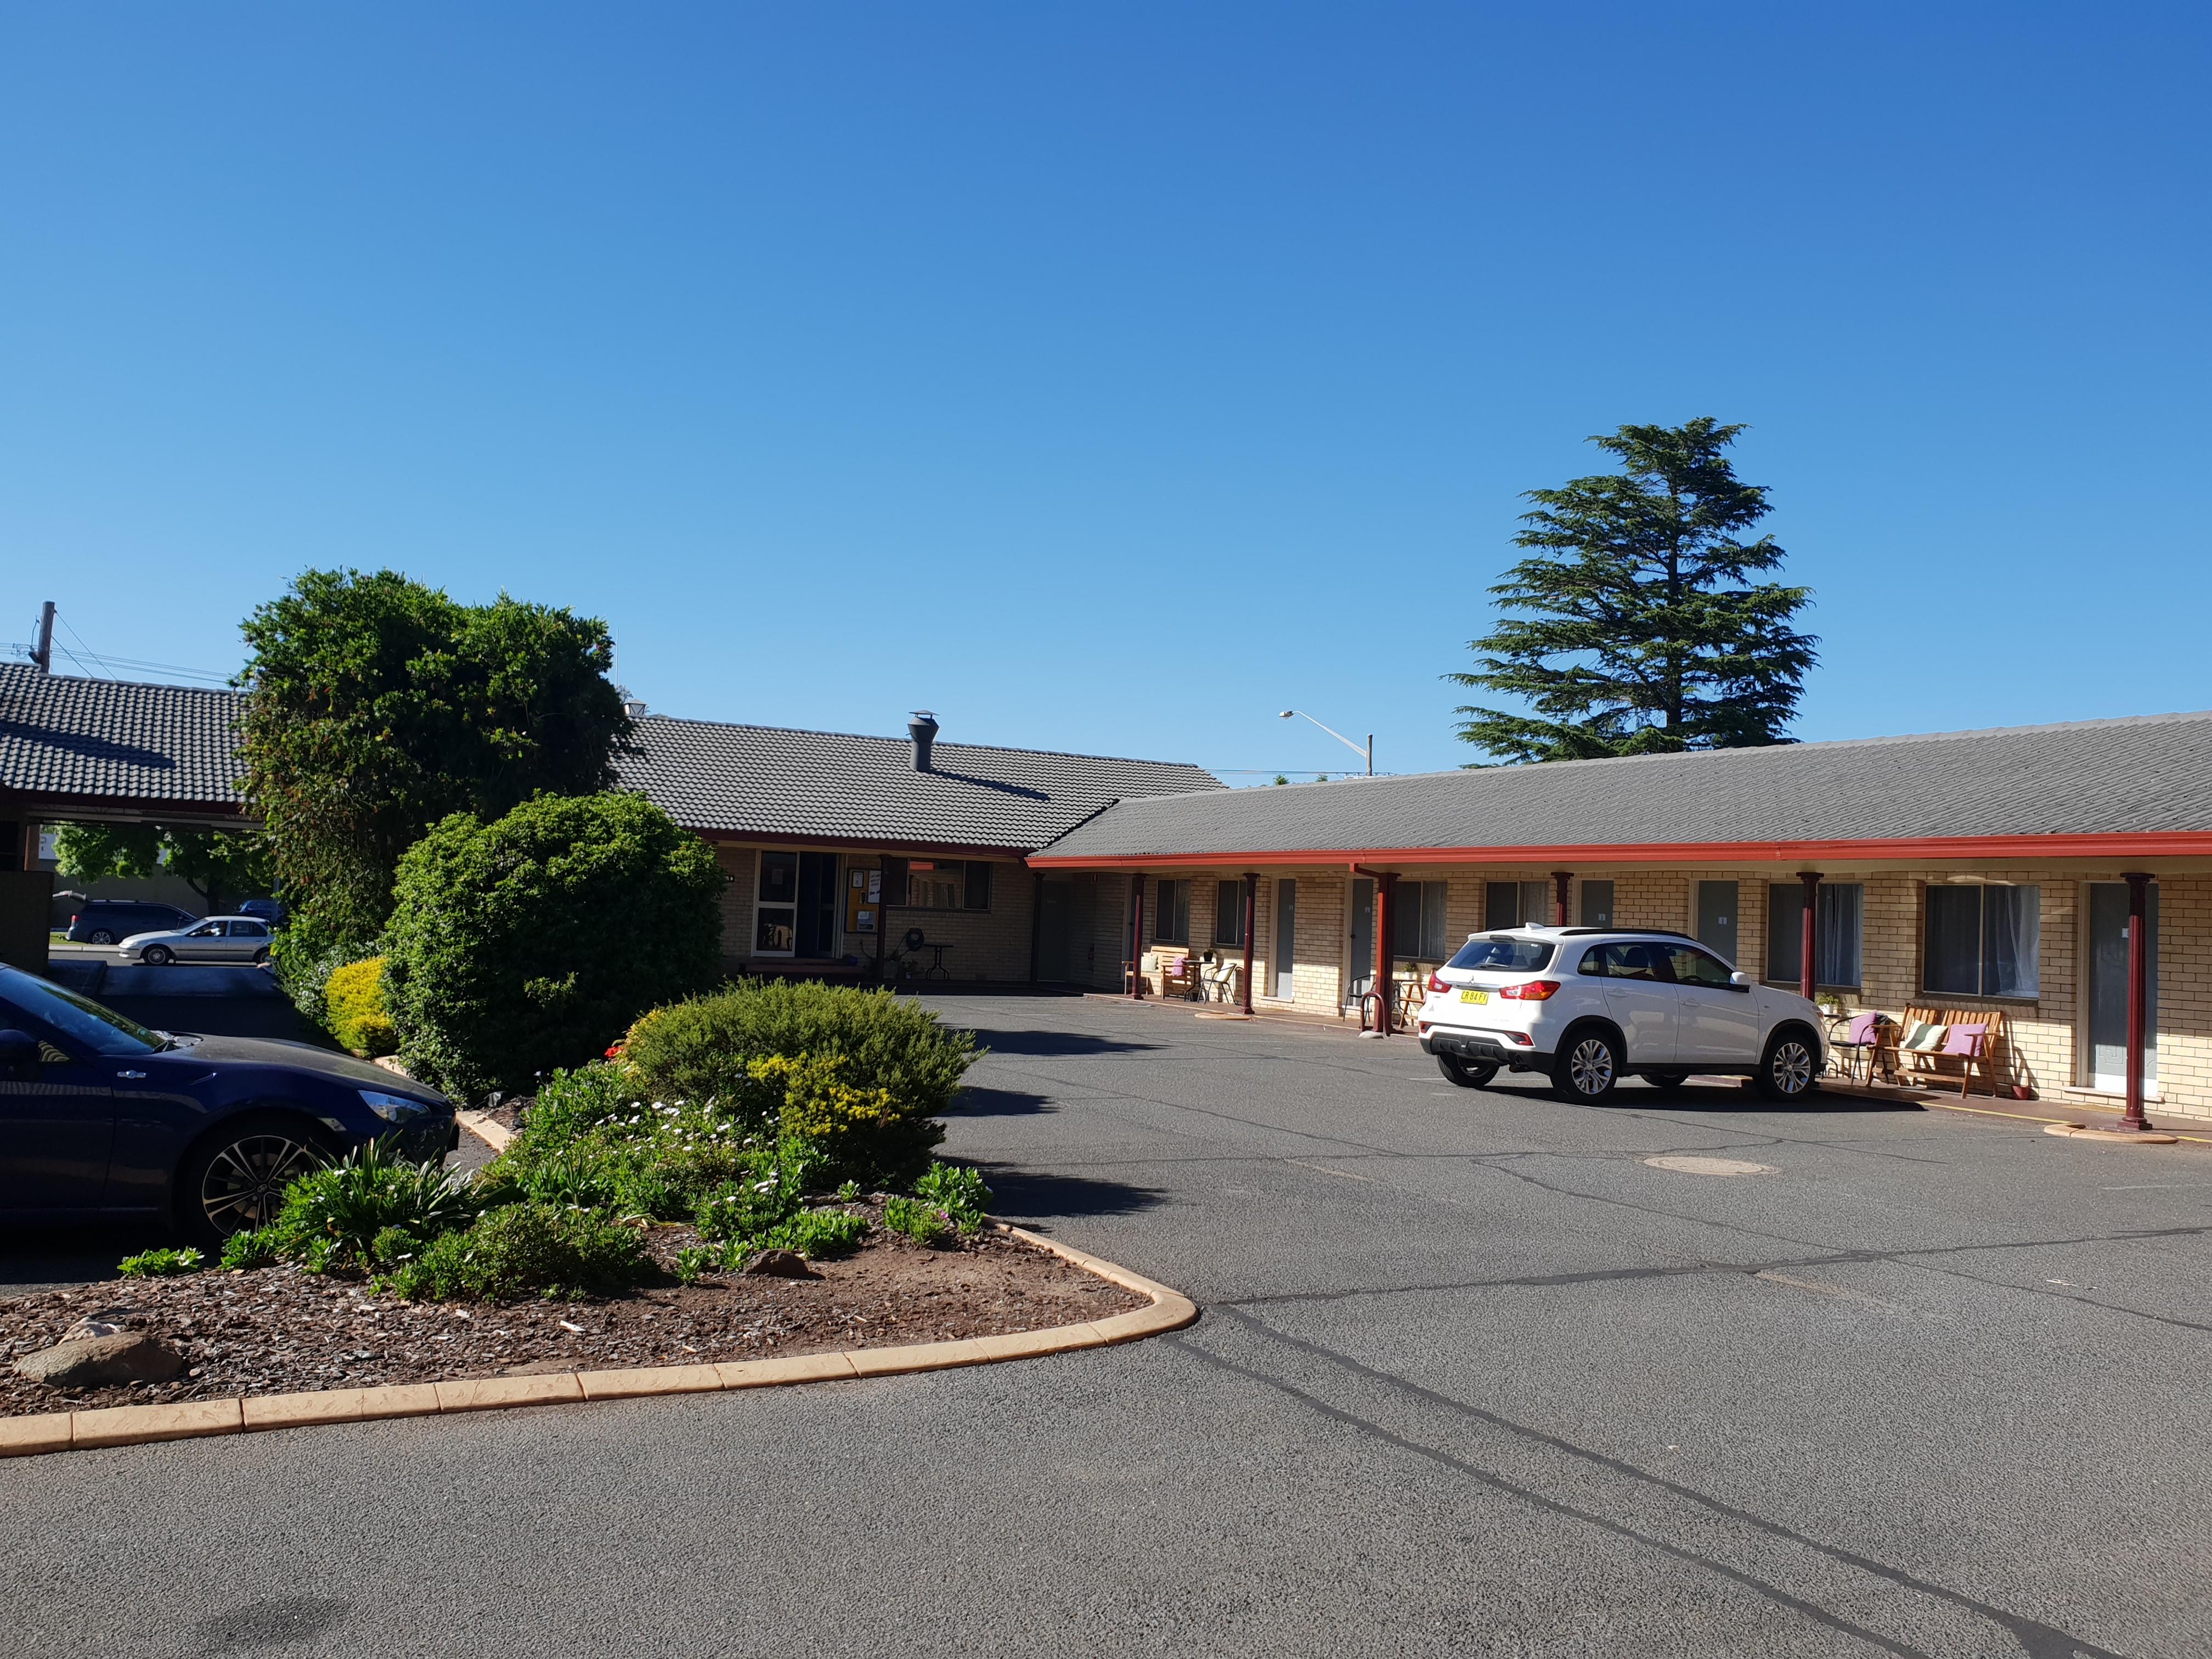 ゴールバンのステーキハウスが併設されてるモーテル『 Lilac City Motor Inn』